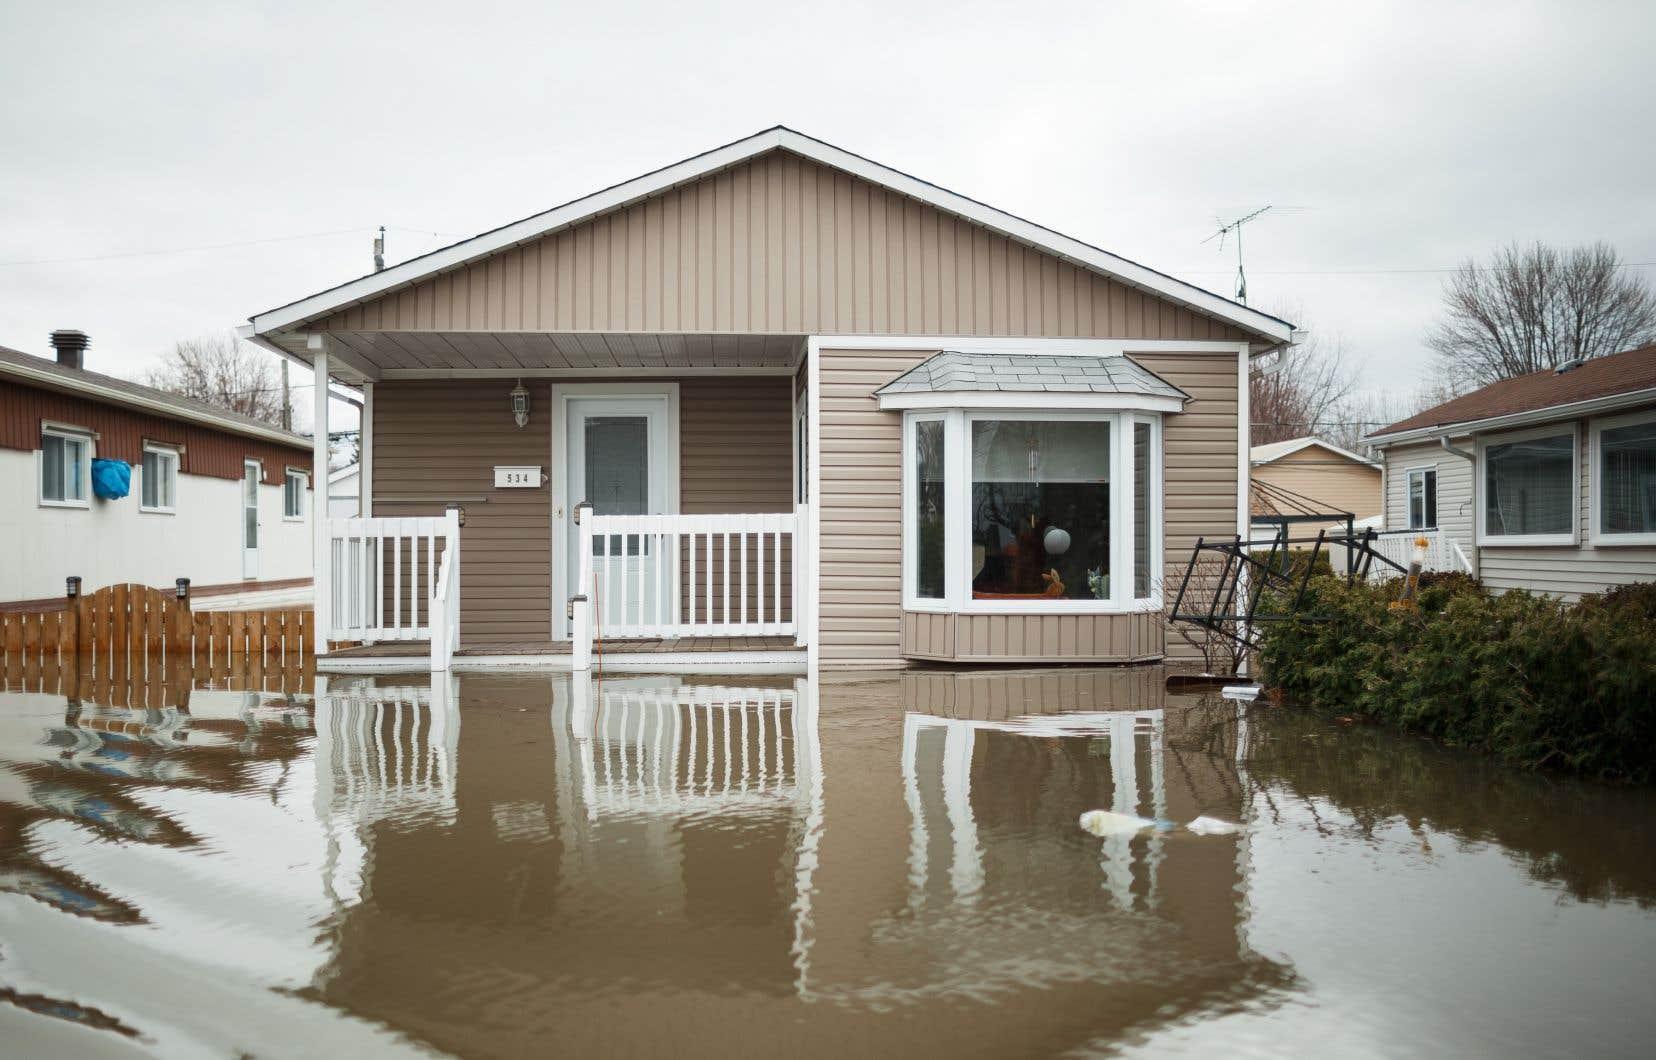 Au début du mois de mai, 10 000 personnes étaient évacuées en raison des crues printanières.